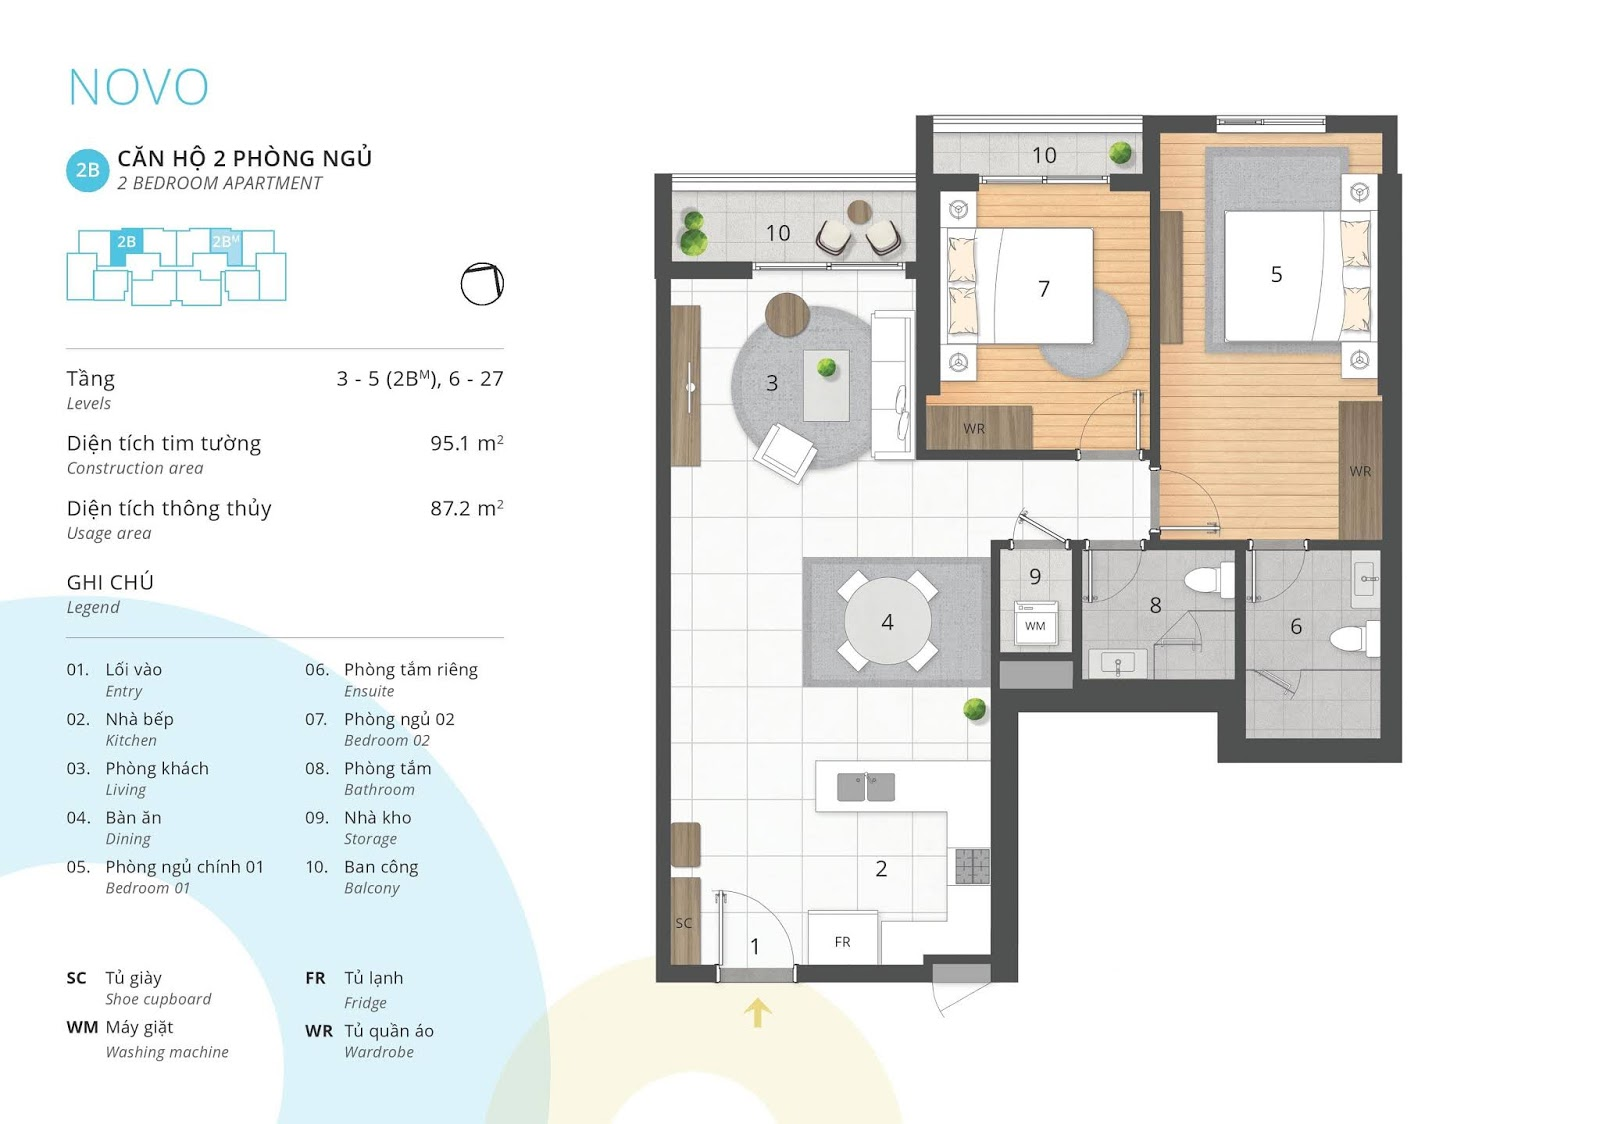 Mặt bằng căn hộ 2 phòng ngủ 87 thông thủy m2 tòa NOVO dự án Kosmo